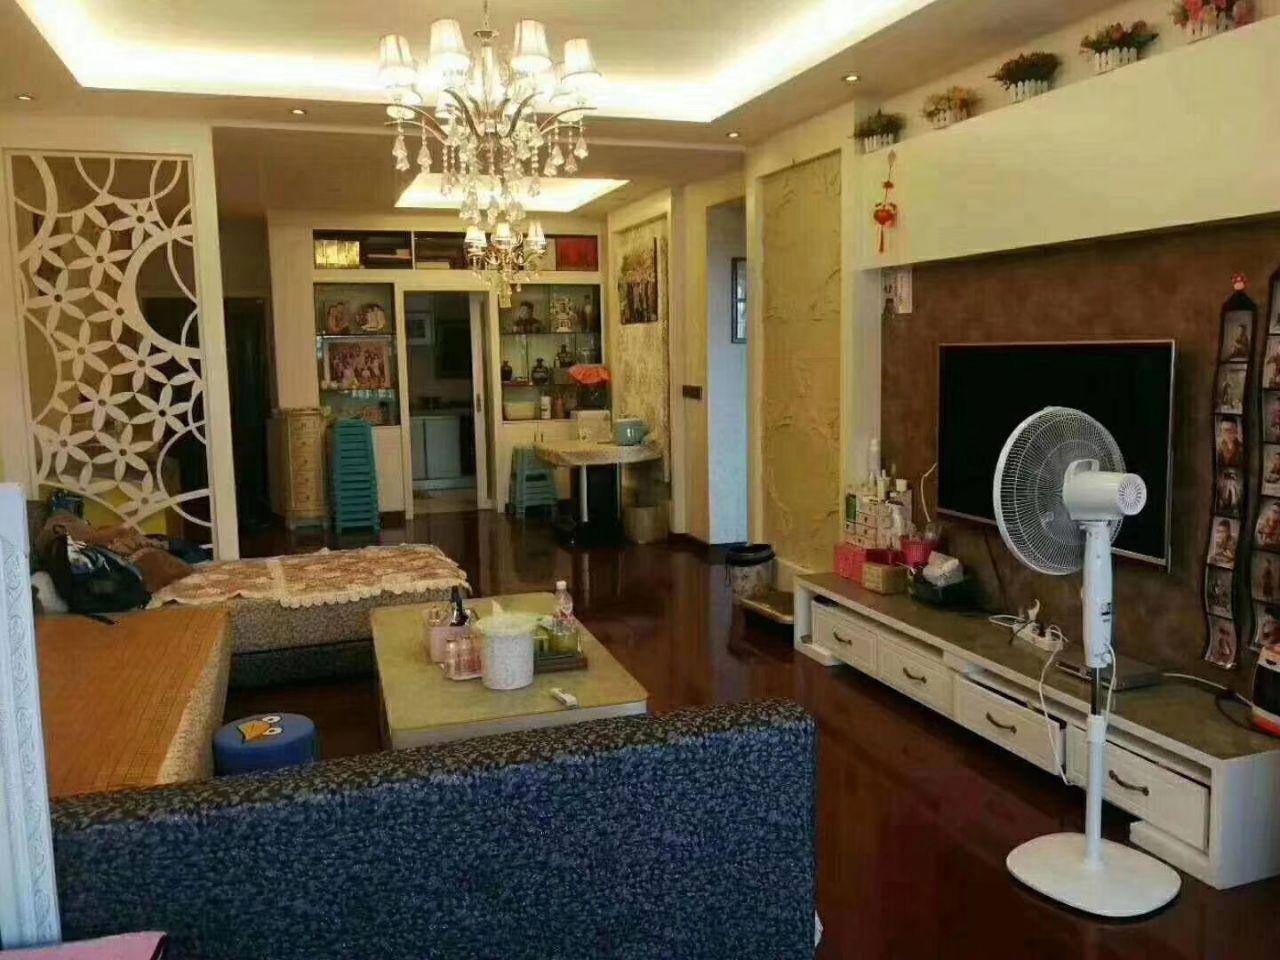 香榭花都2室 2厅 1卫66.8万元